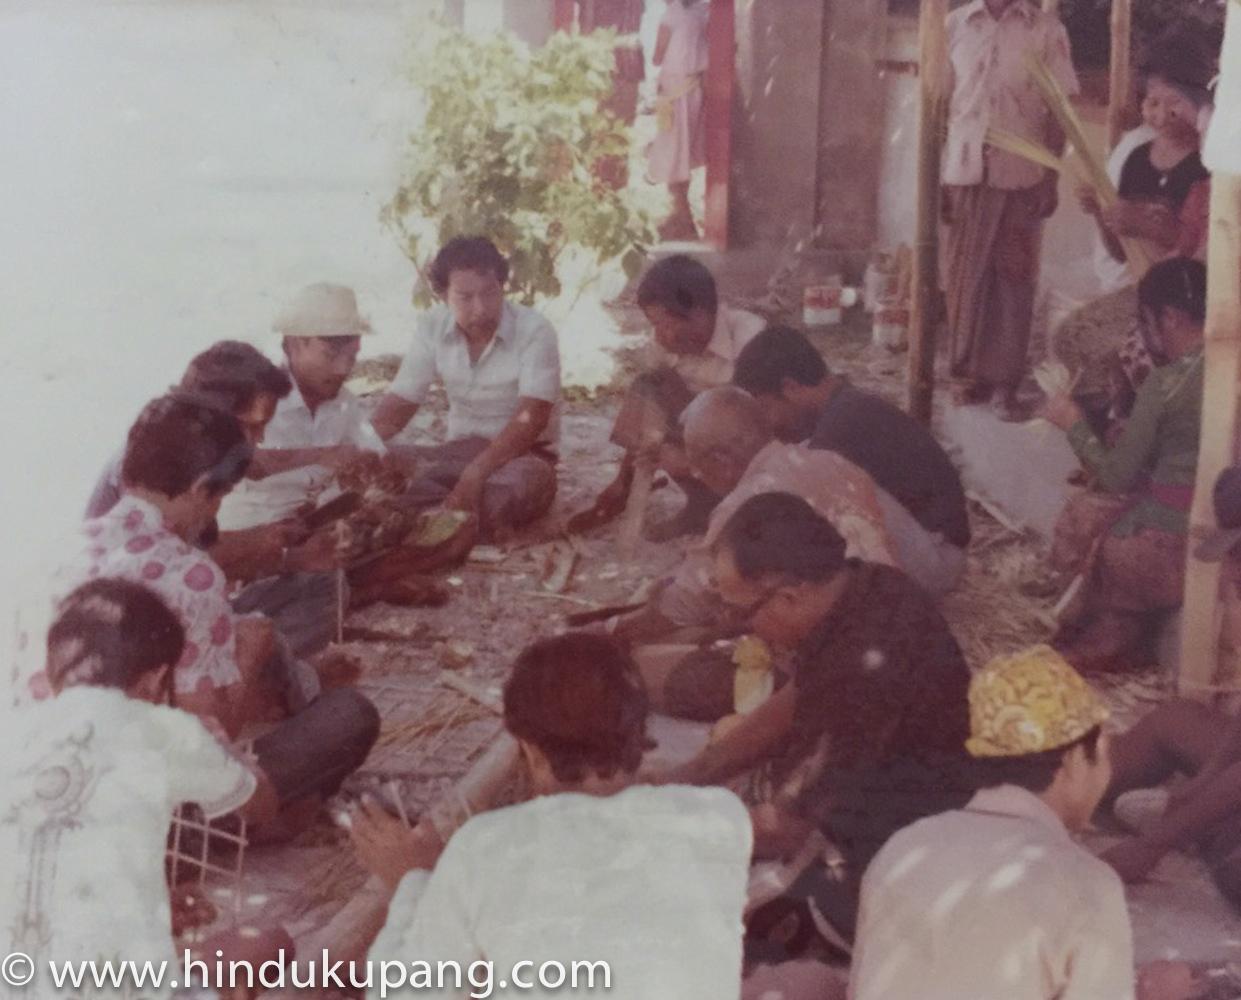 Selamat Datang Hindu Kupang Ntt Home Pura Oebananta Sejak 1951